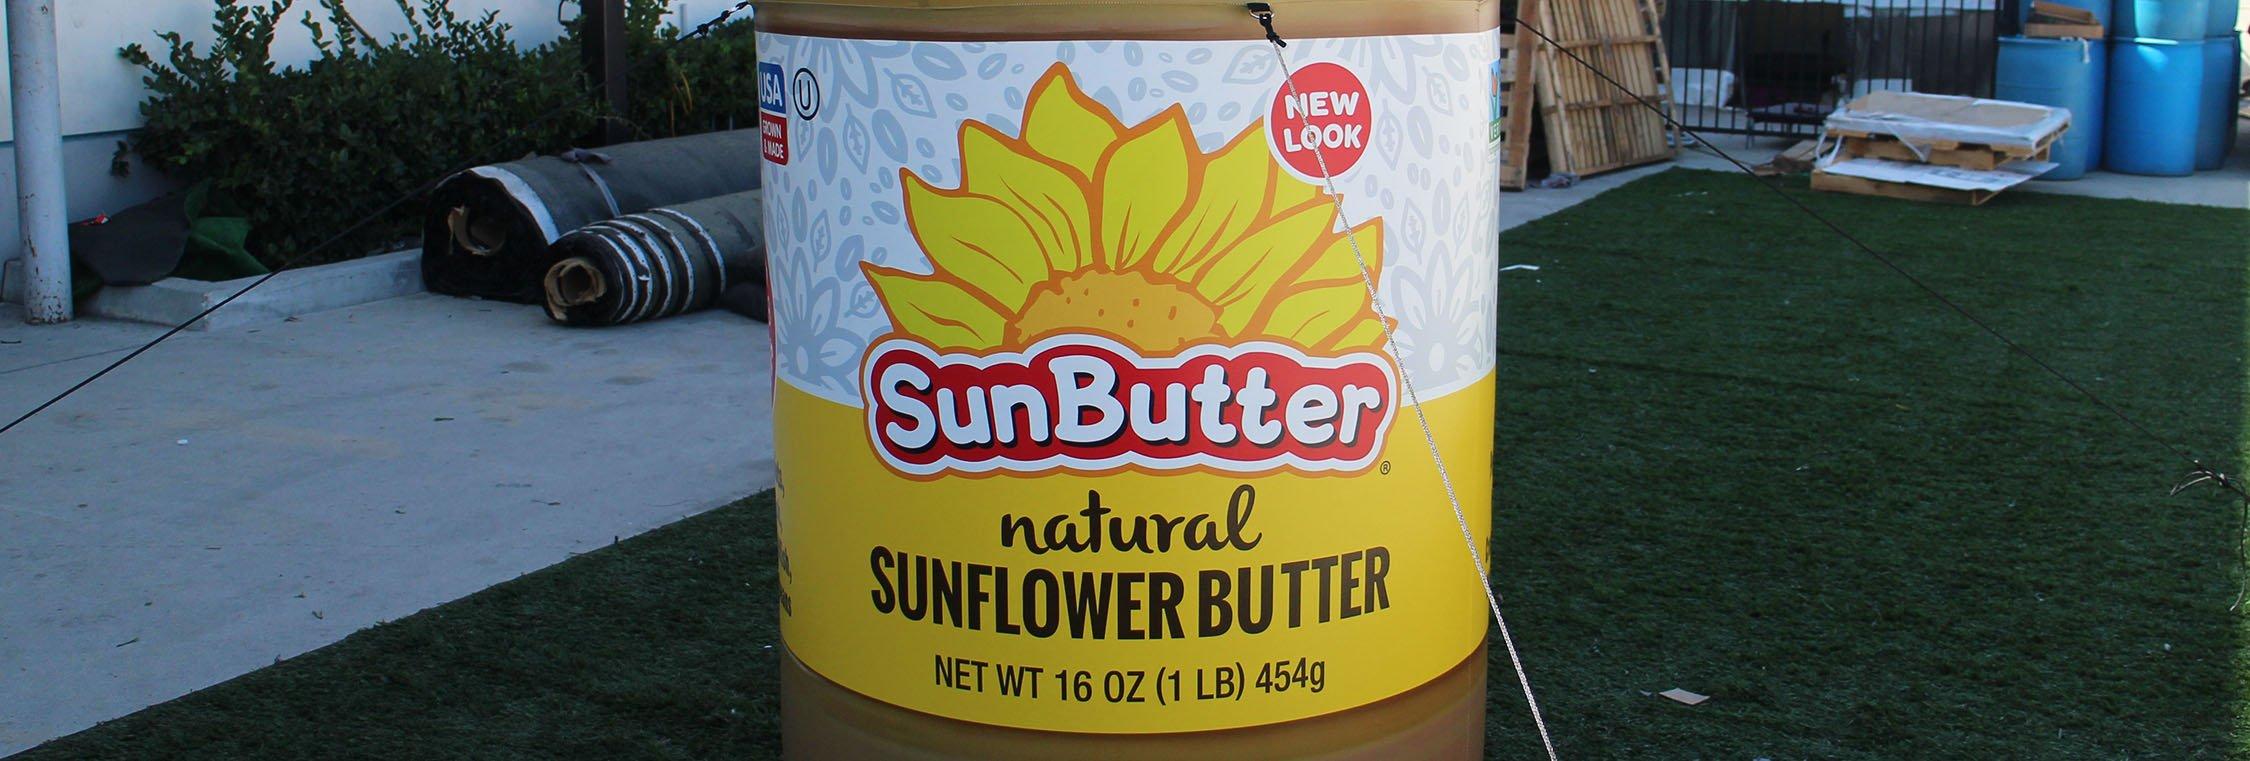 sunbutter-jar-replica